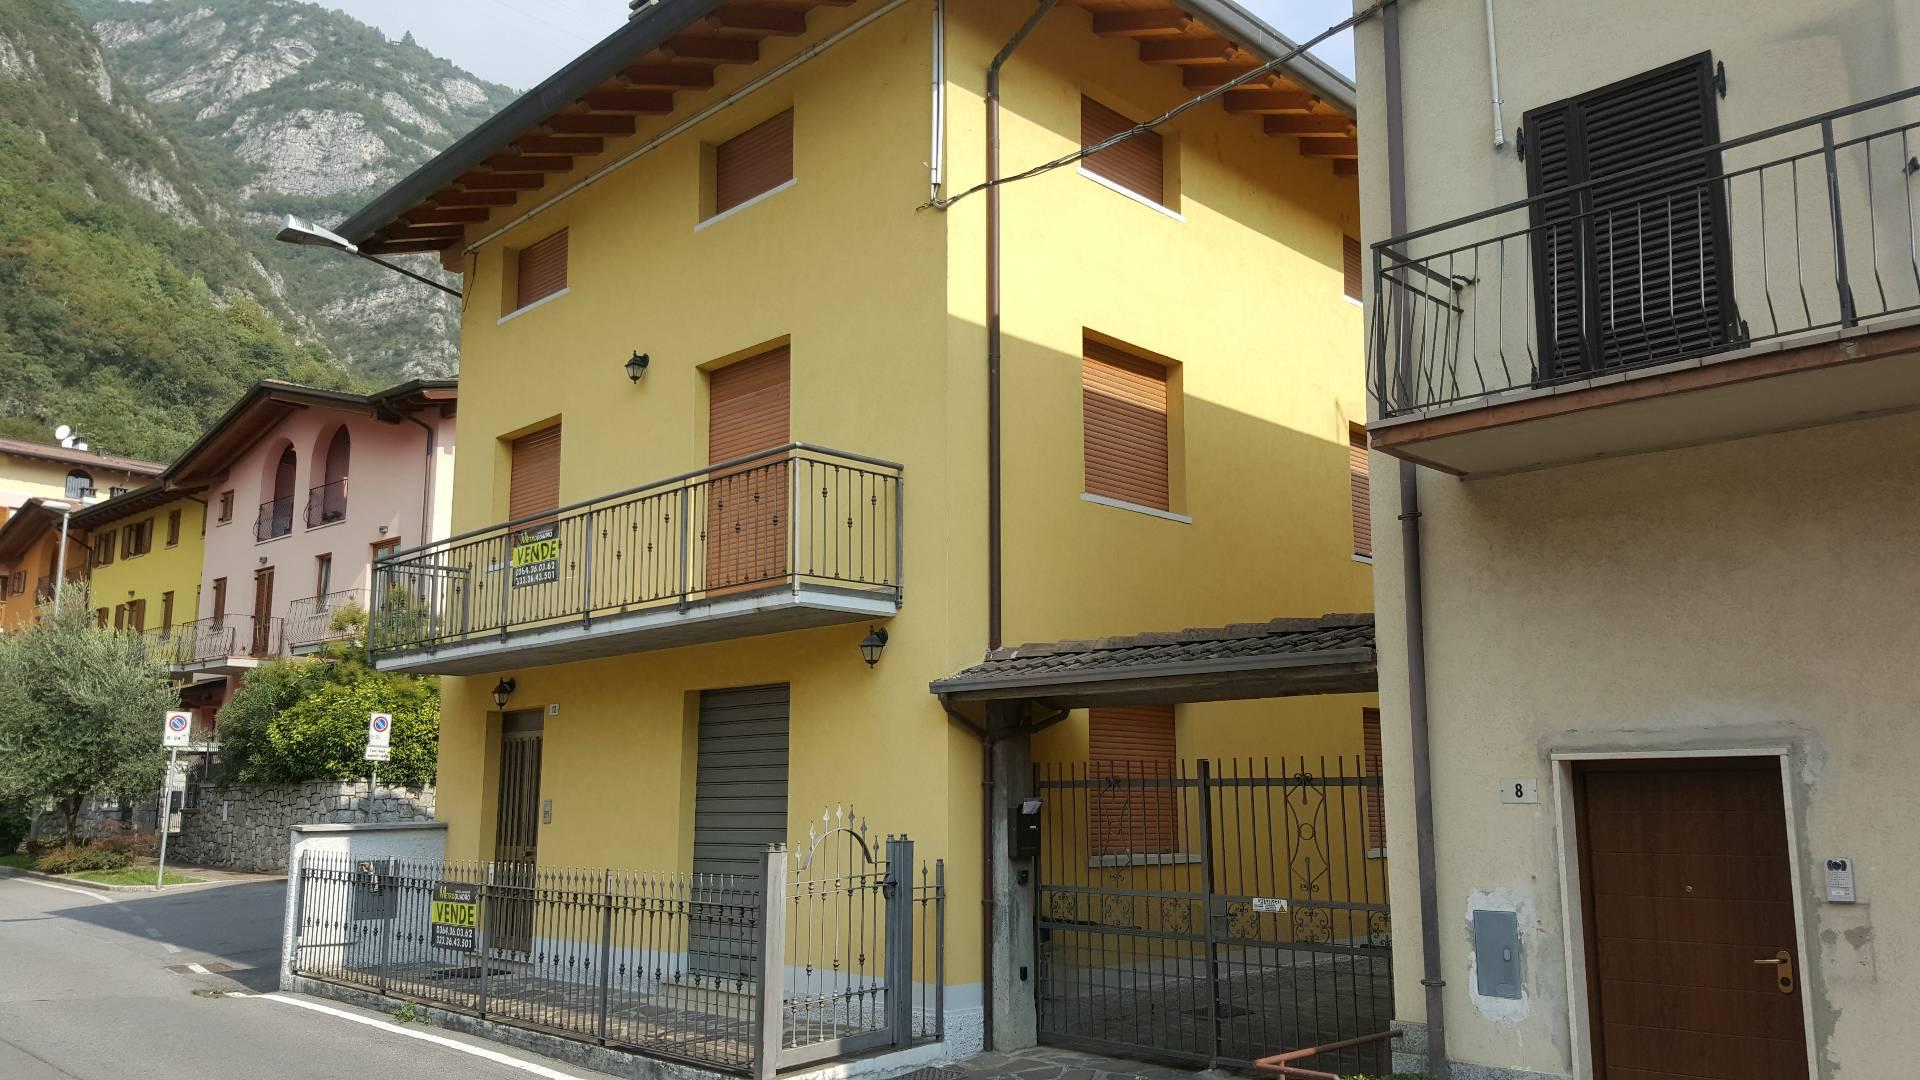 Soluzione Indipendente in vendita a Piancogno, 6 locali, prezzo € 190.000 | Cambio Casa.it